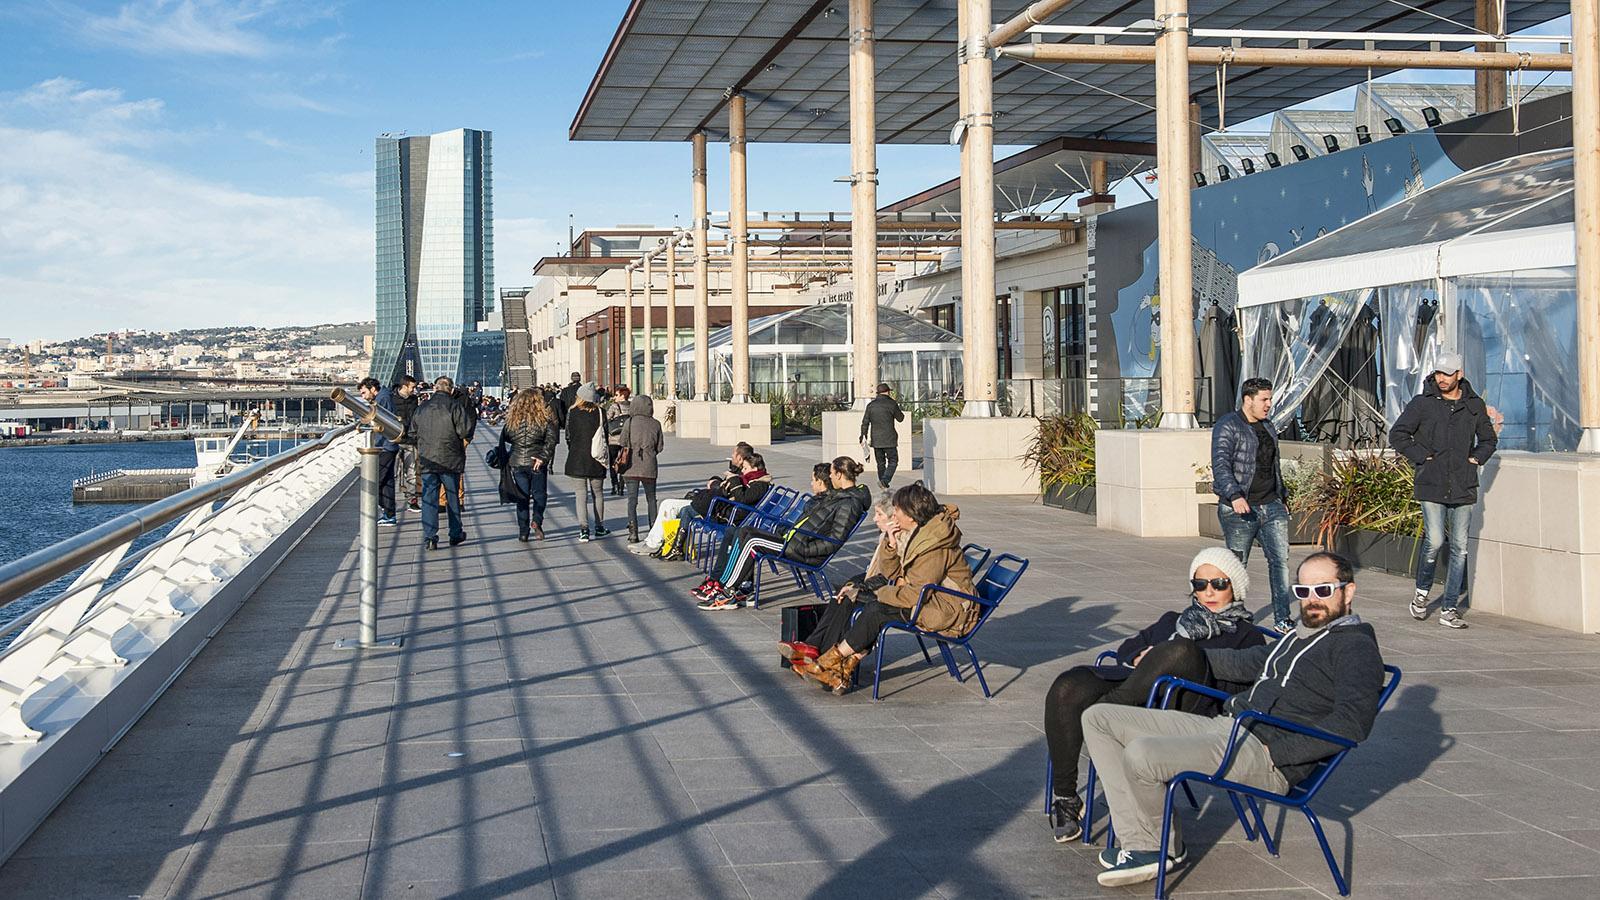 Marseille: Les Terrasse du Port. Foto: Hilke Maunder